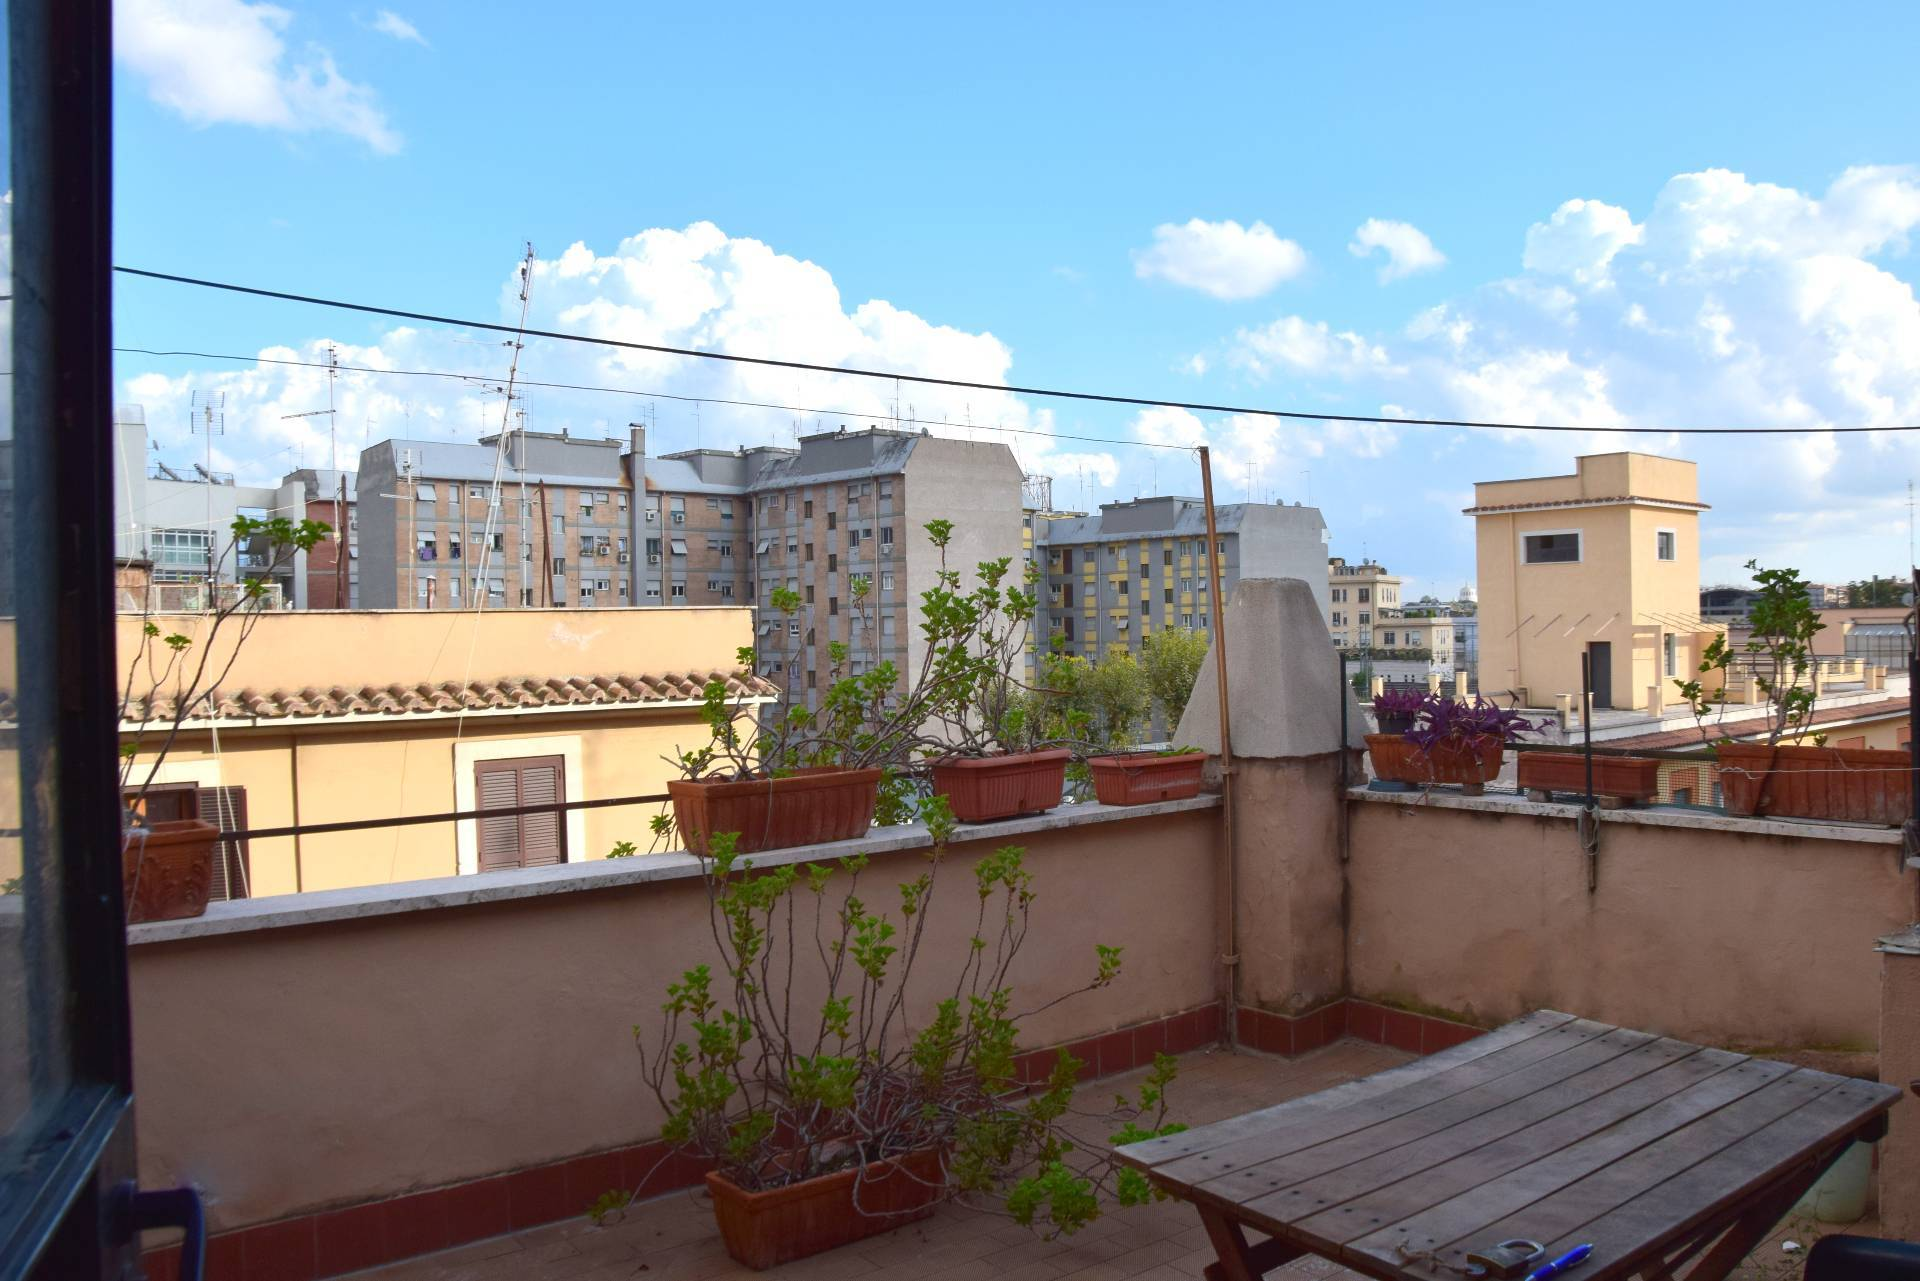 Cbi053 308 castaldi attico locazione attico in affitto a for Affitto uffici roma trastevere